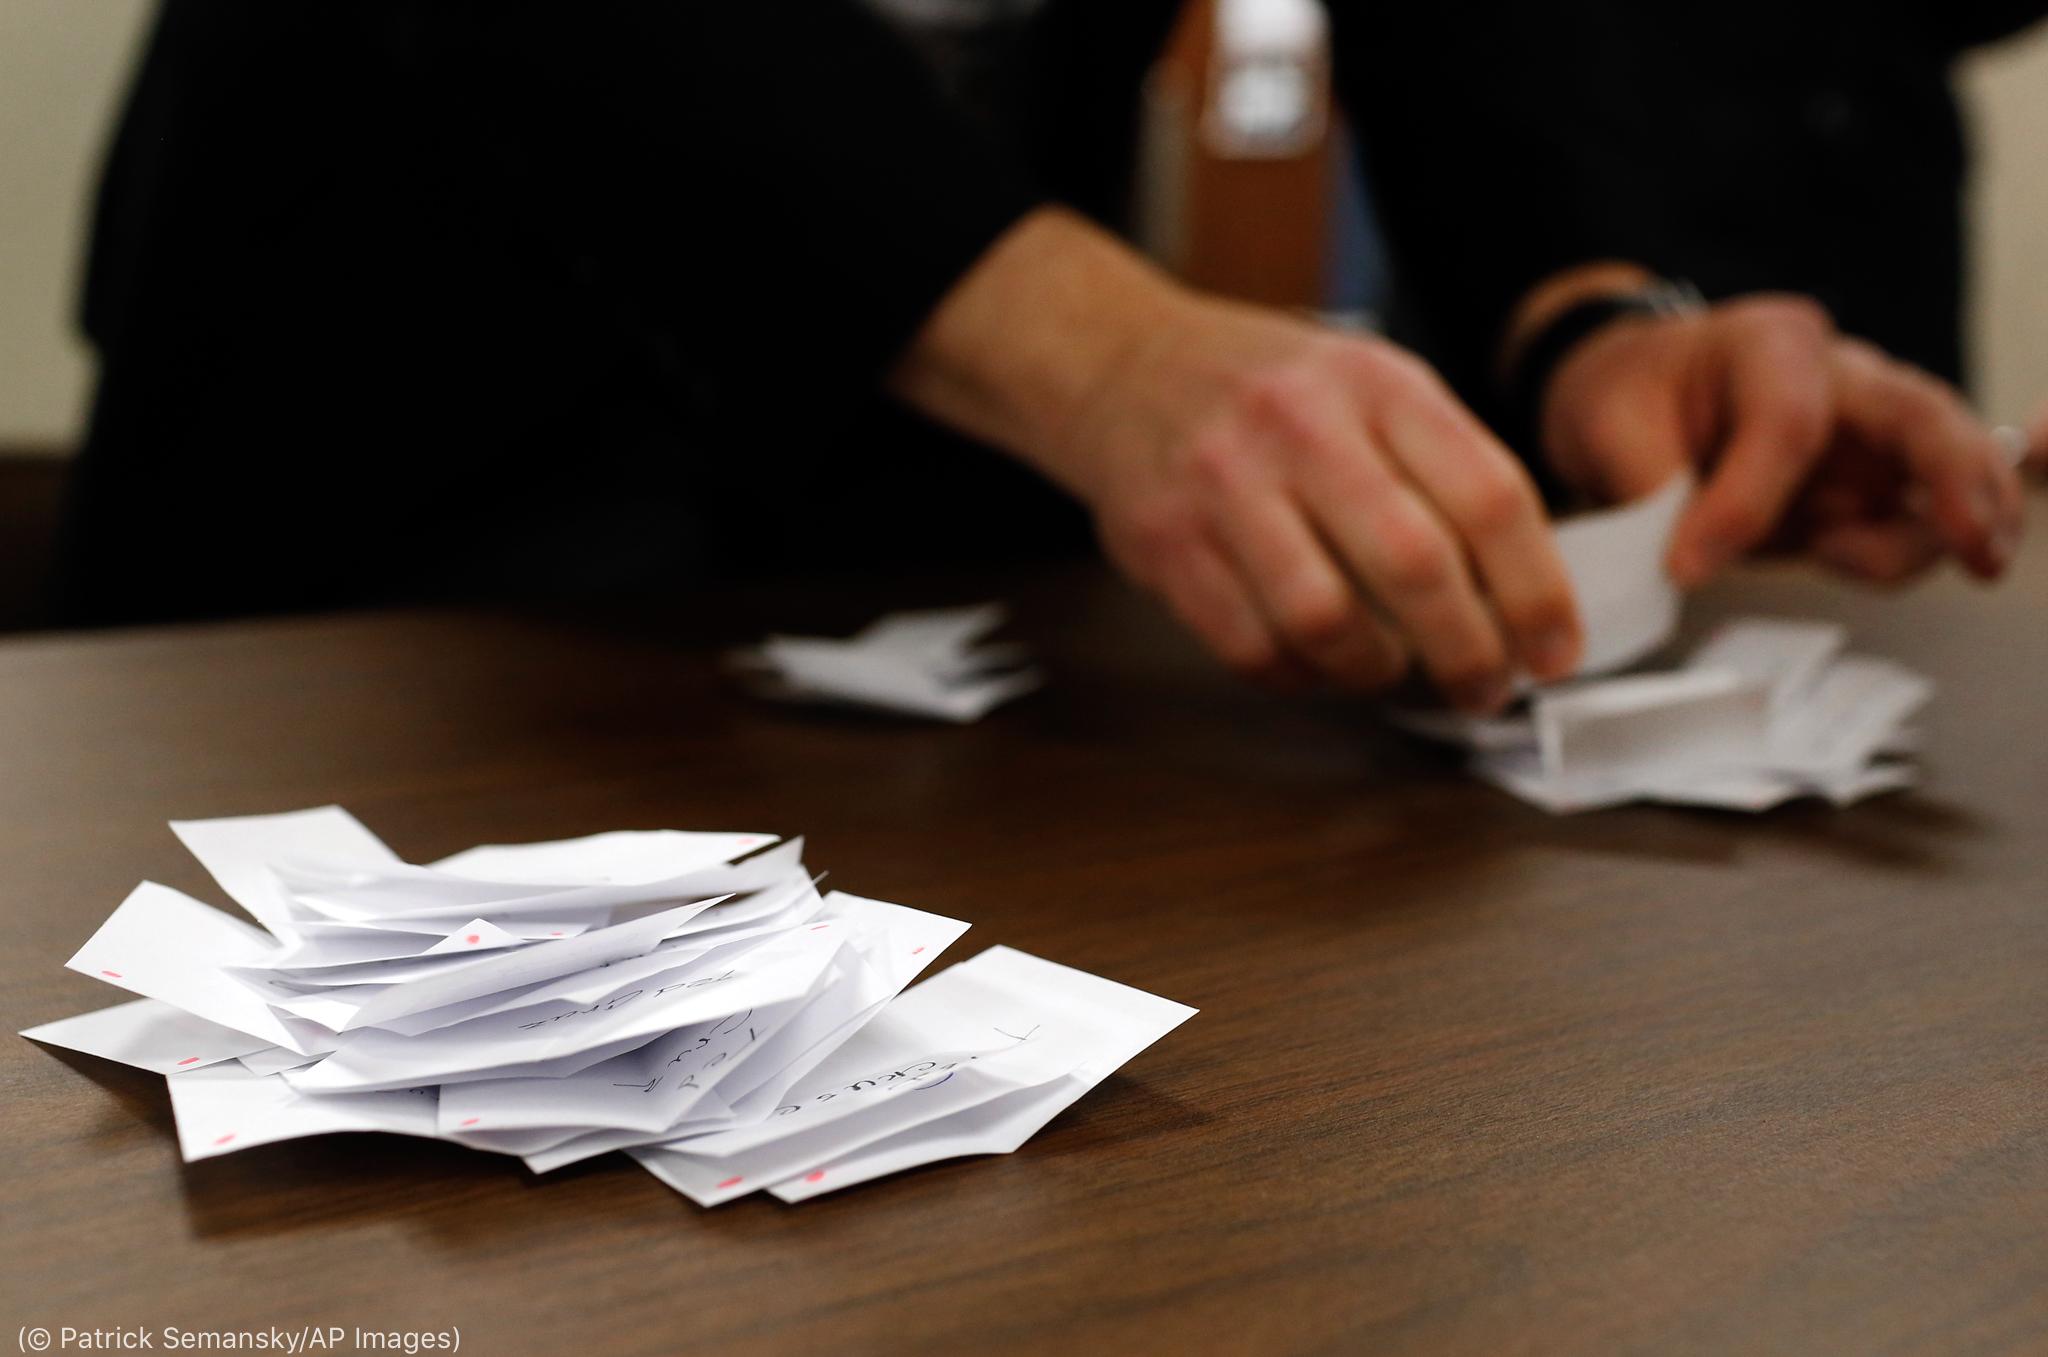 Masada kağıt parçalarını sayan bir adamın elleri (© Patrick Semansky/AP Images)